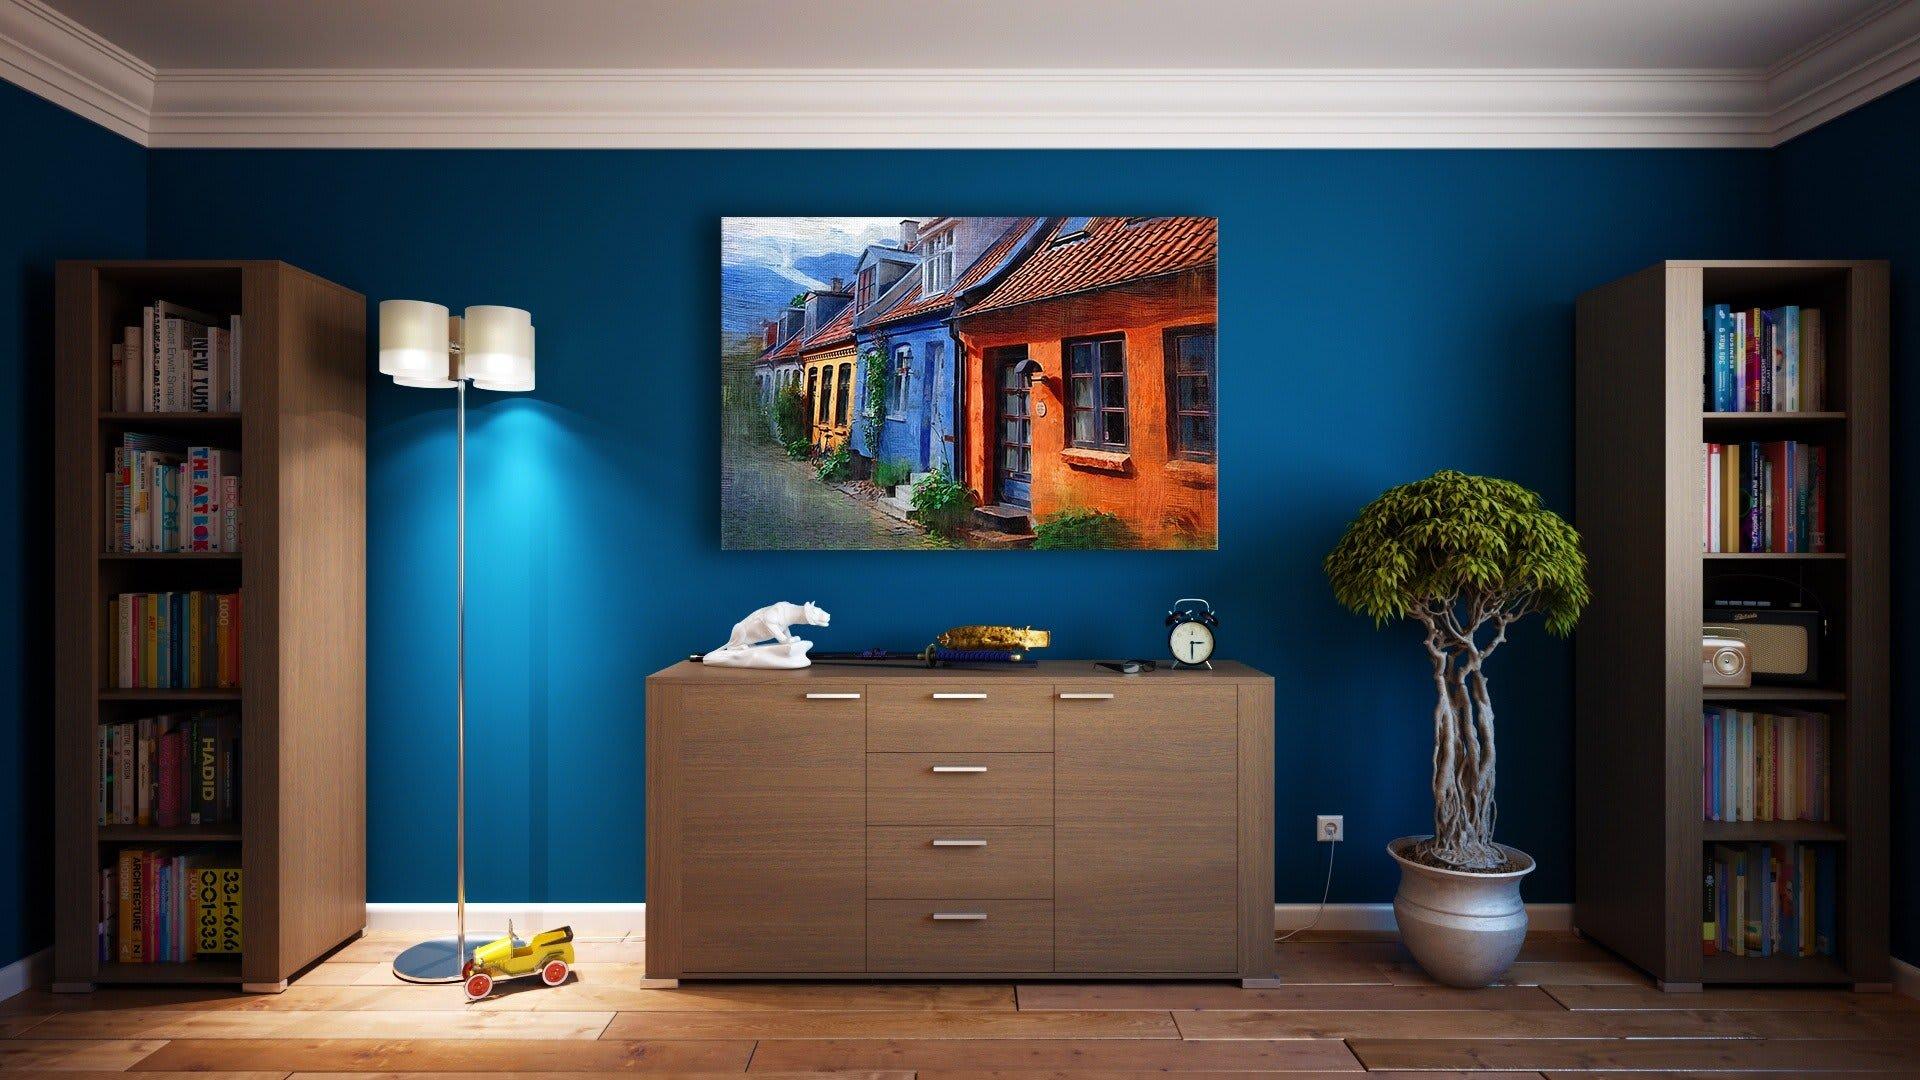 interior design tricks for small spaces - apartment-architecture-bookcase